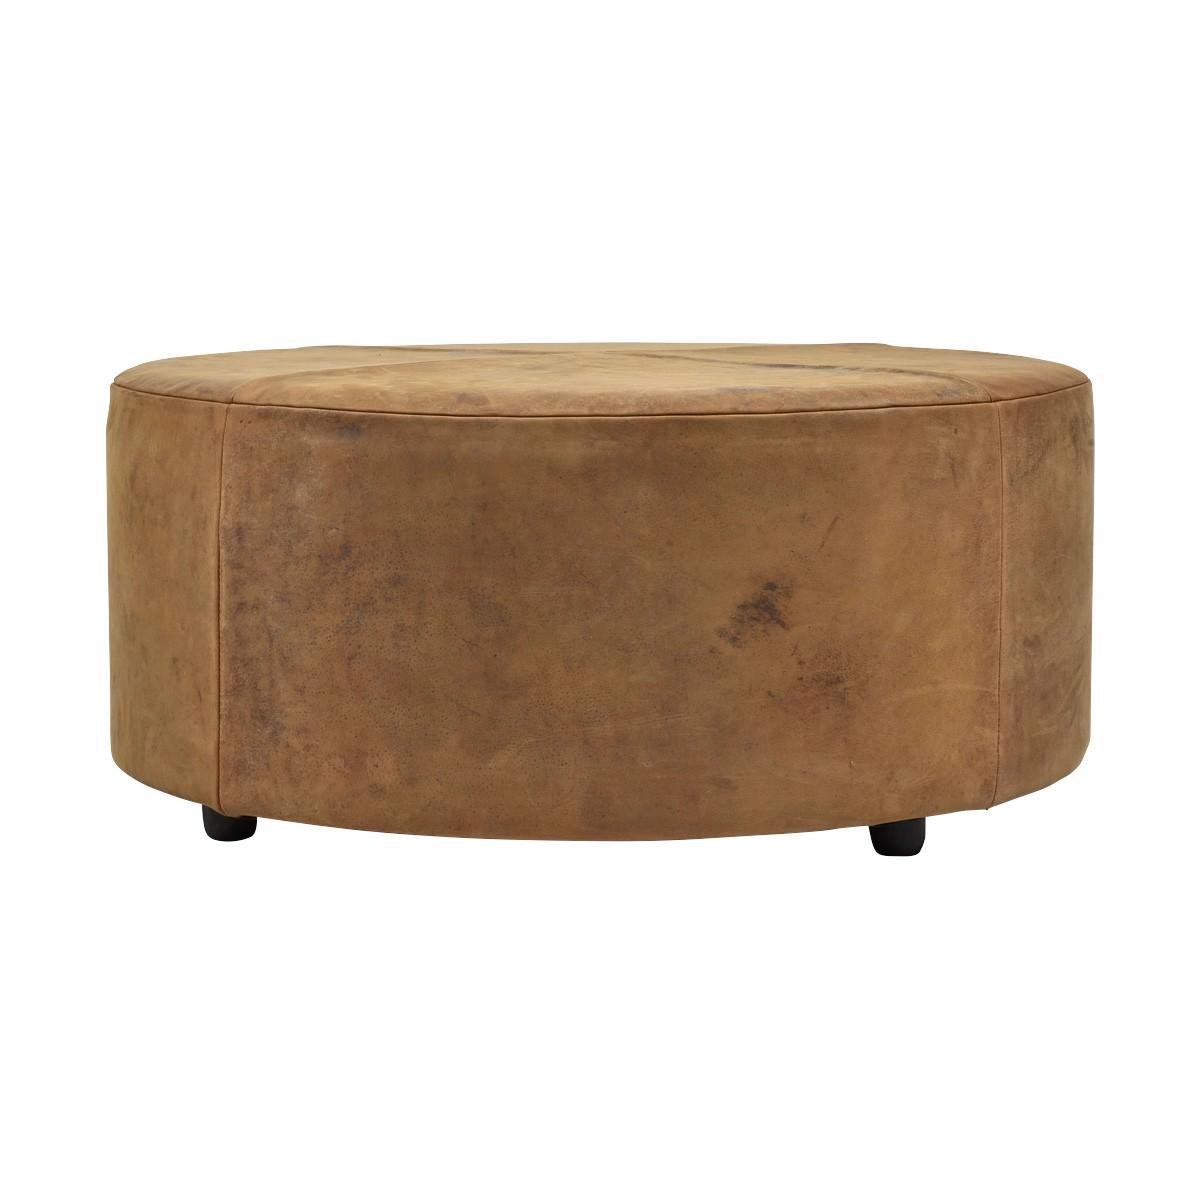 Napa Leather Round Ottoman, Tan